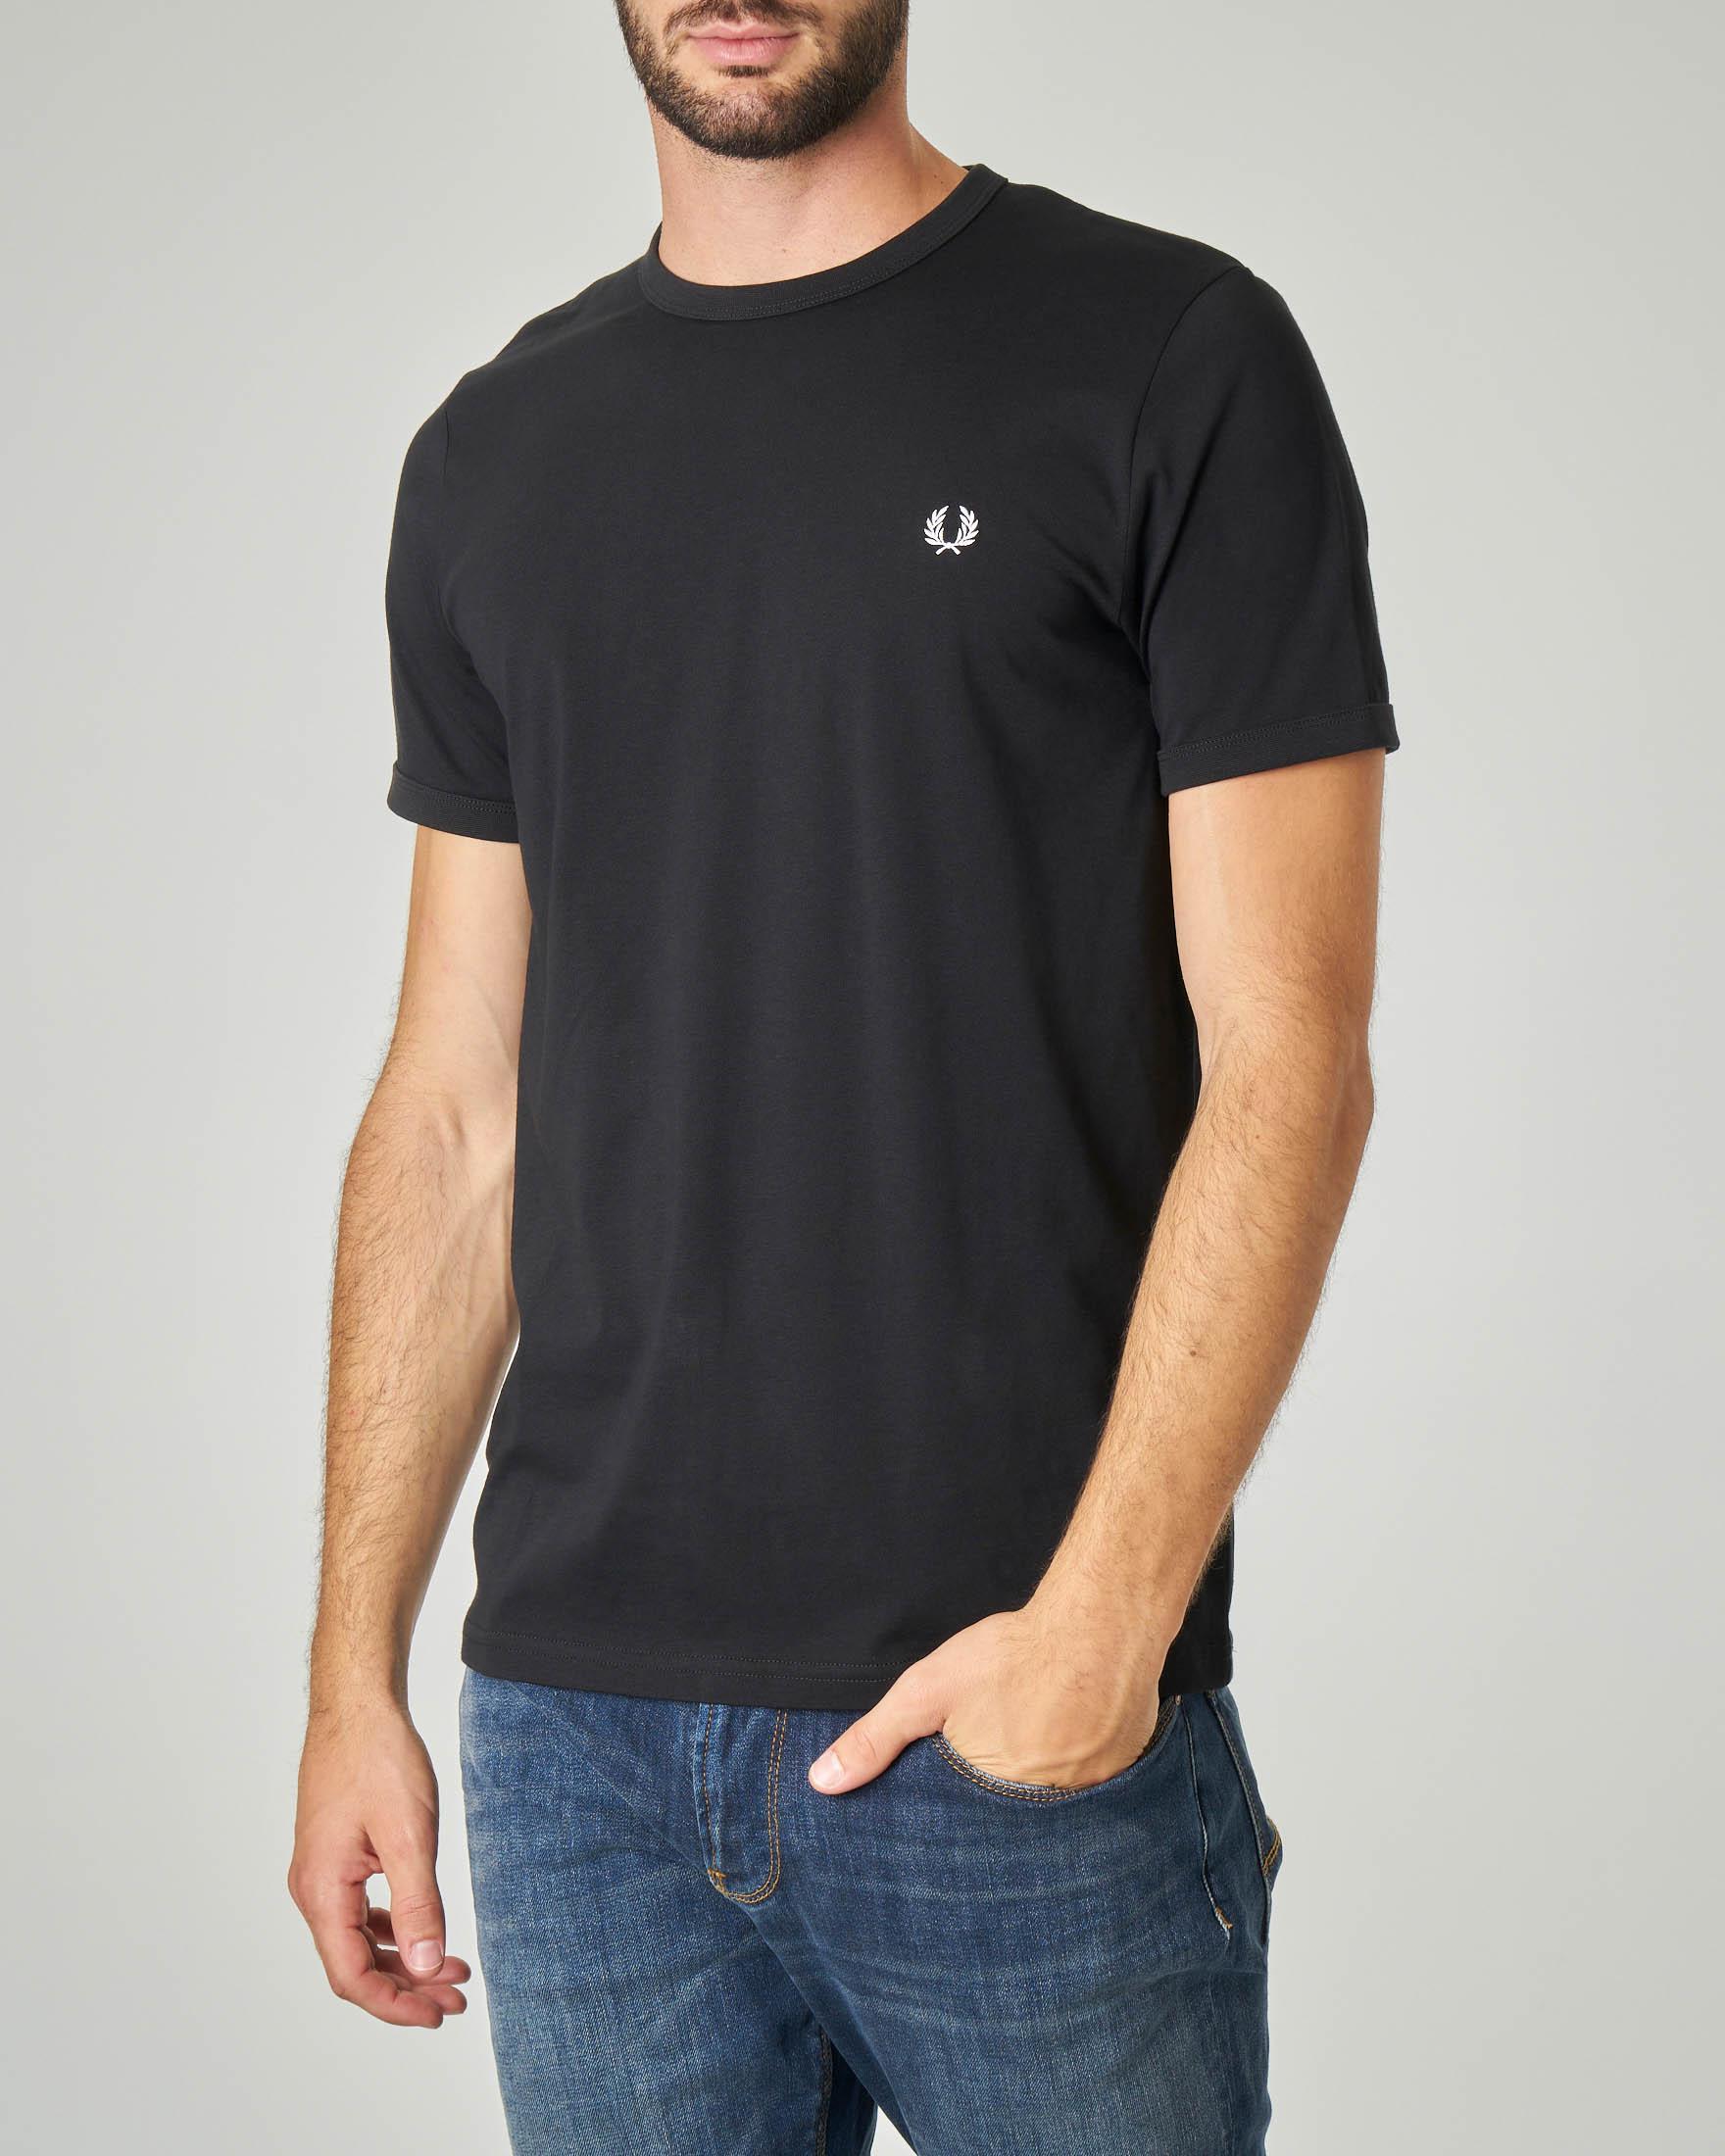 T-shirt nera con logo piccolo ricamato